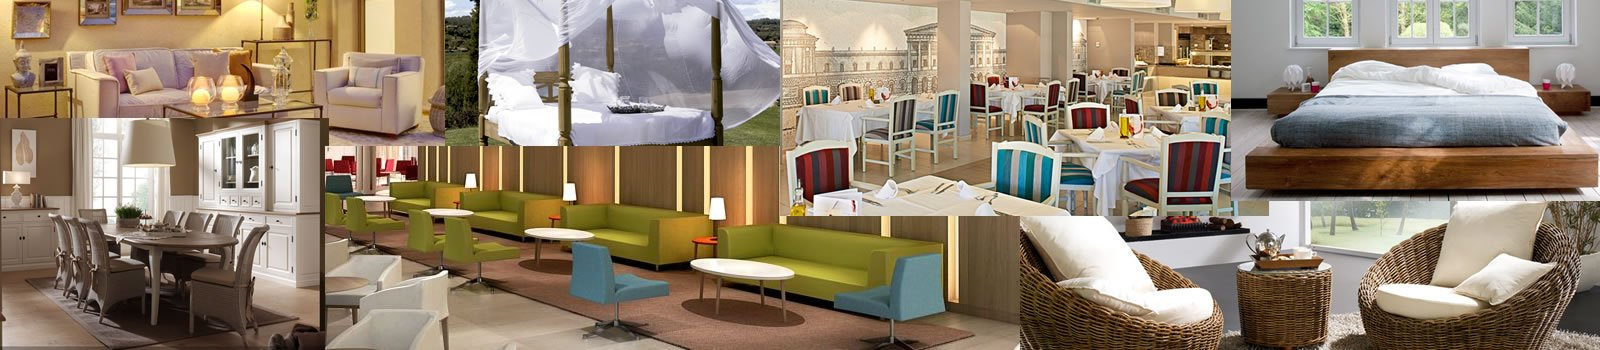 expo mobles manacor muebles hosteler a muebles en